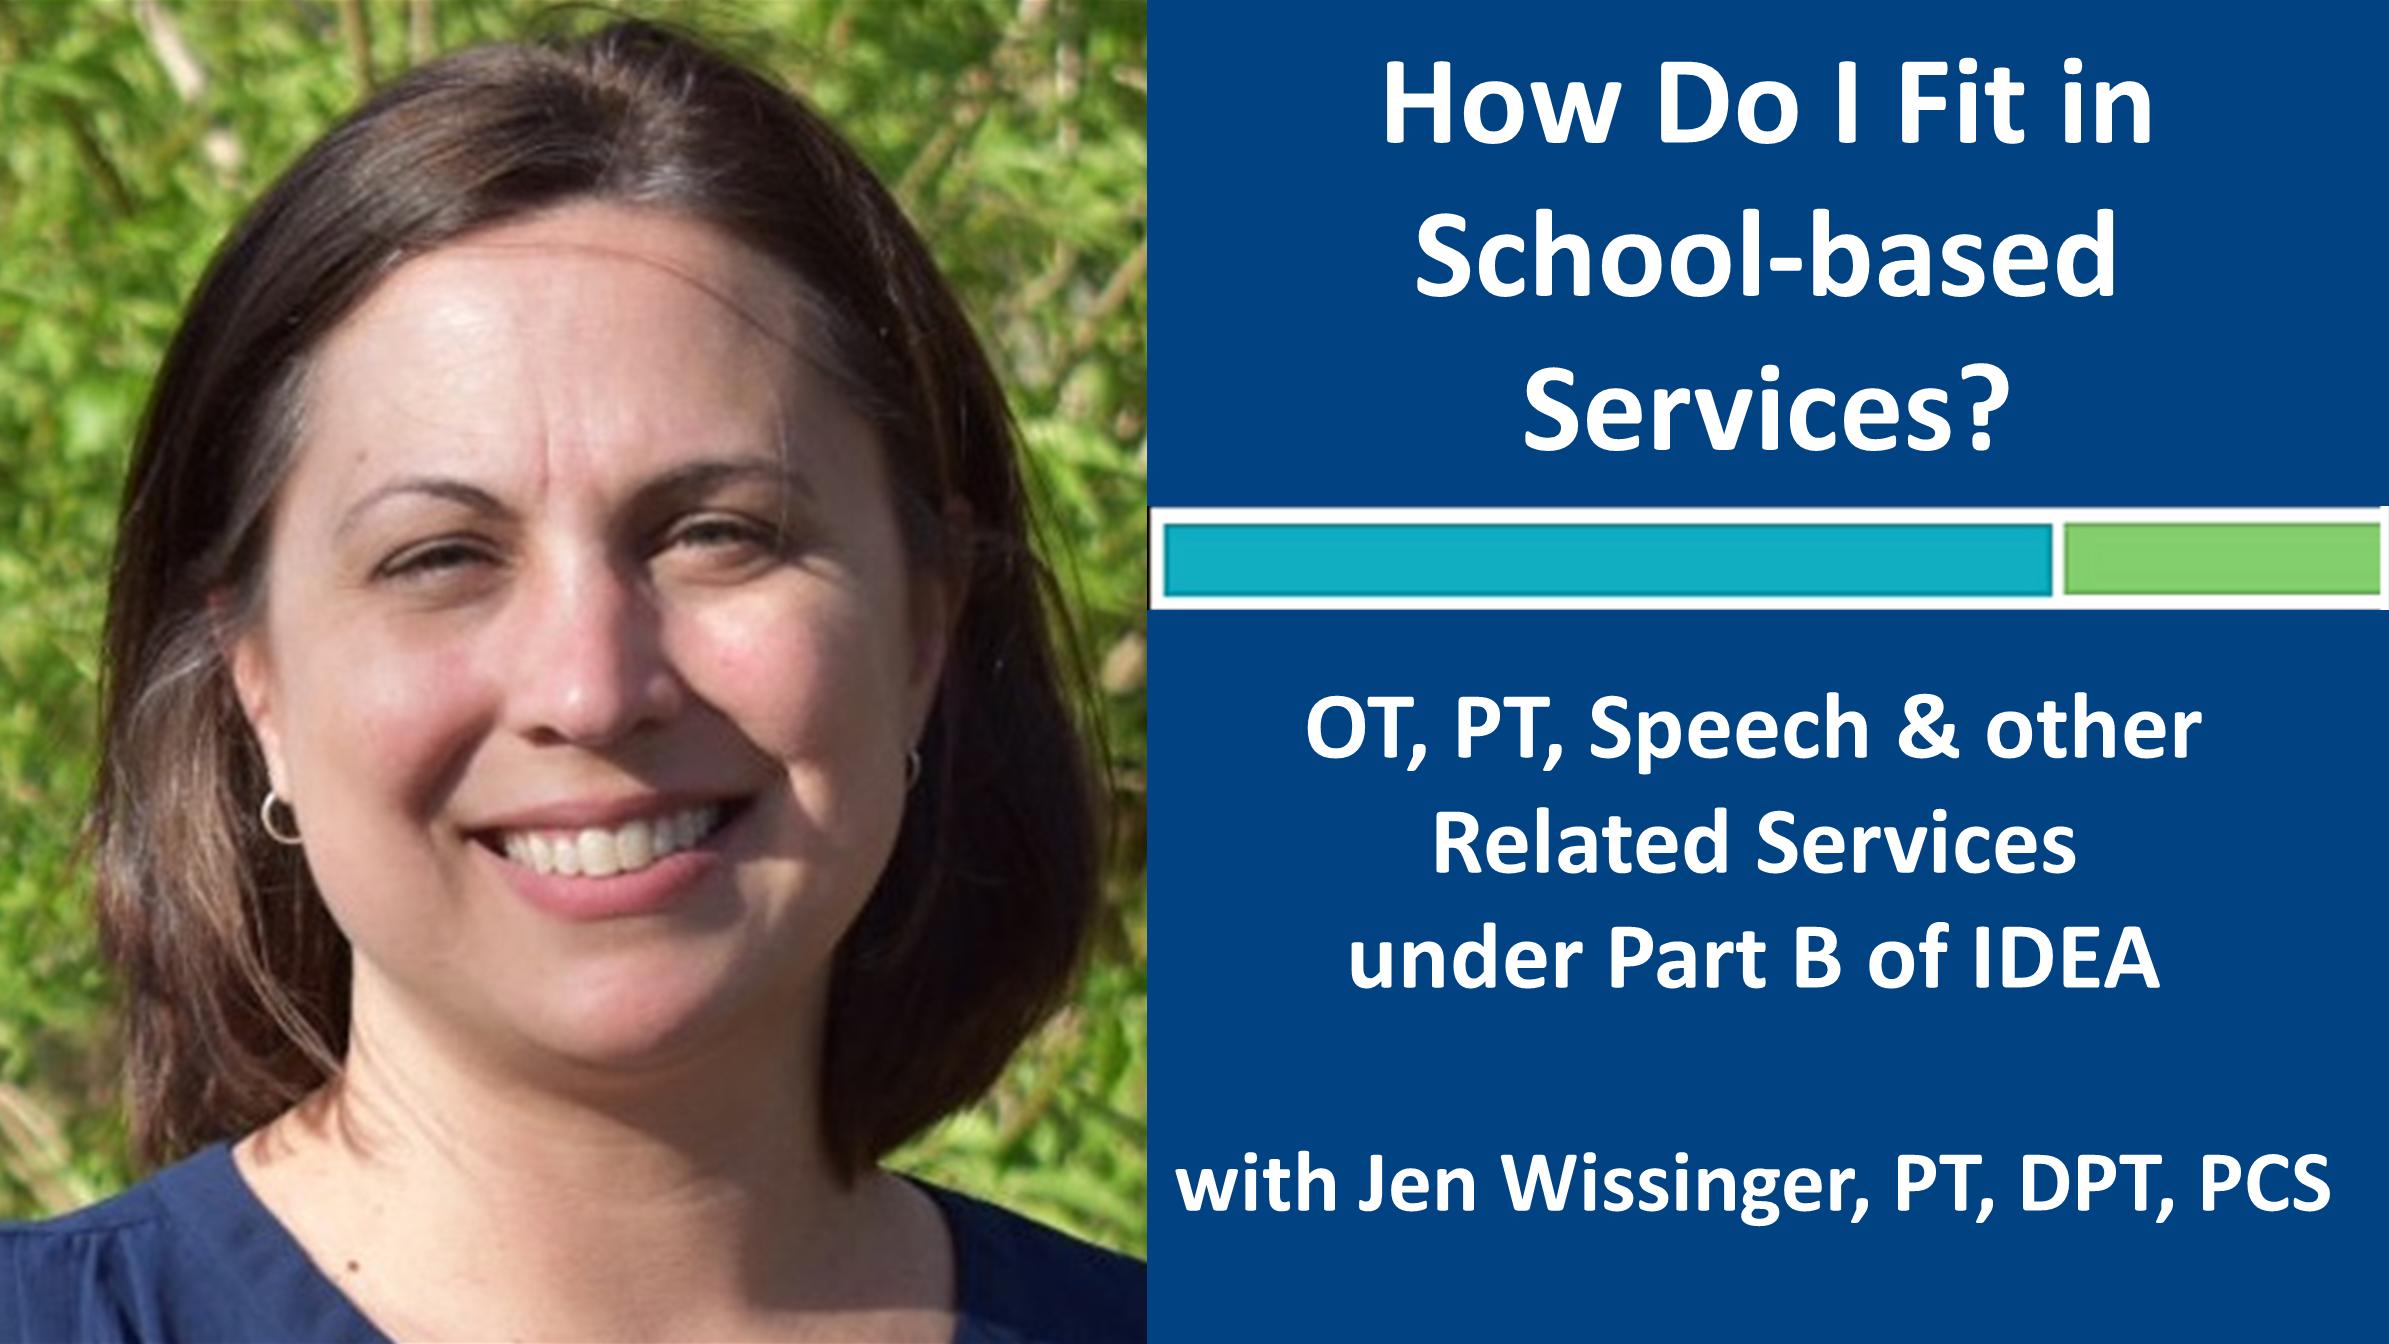 Webinar 1: How Do I Fit in School-Based Services? with Jennifer Wissinger, PT, DPT